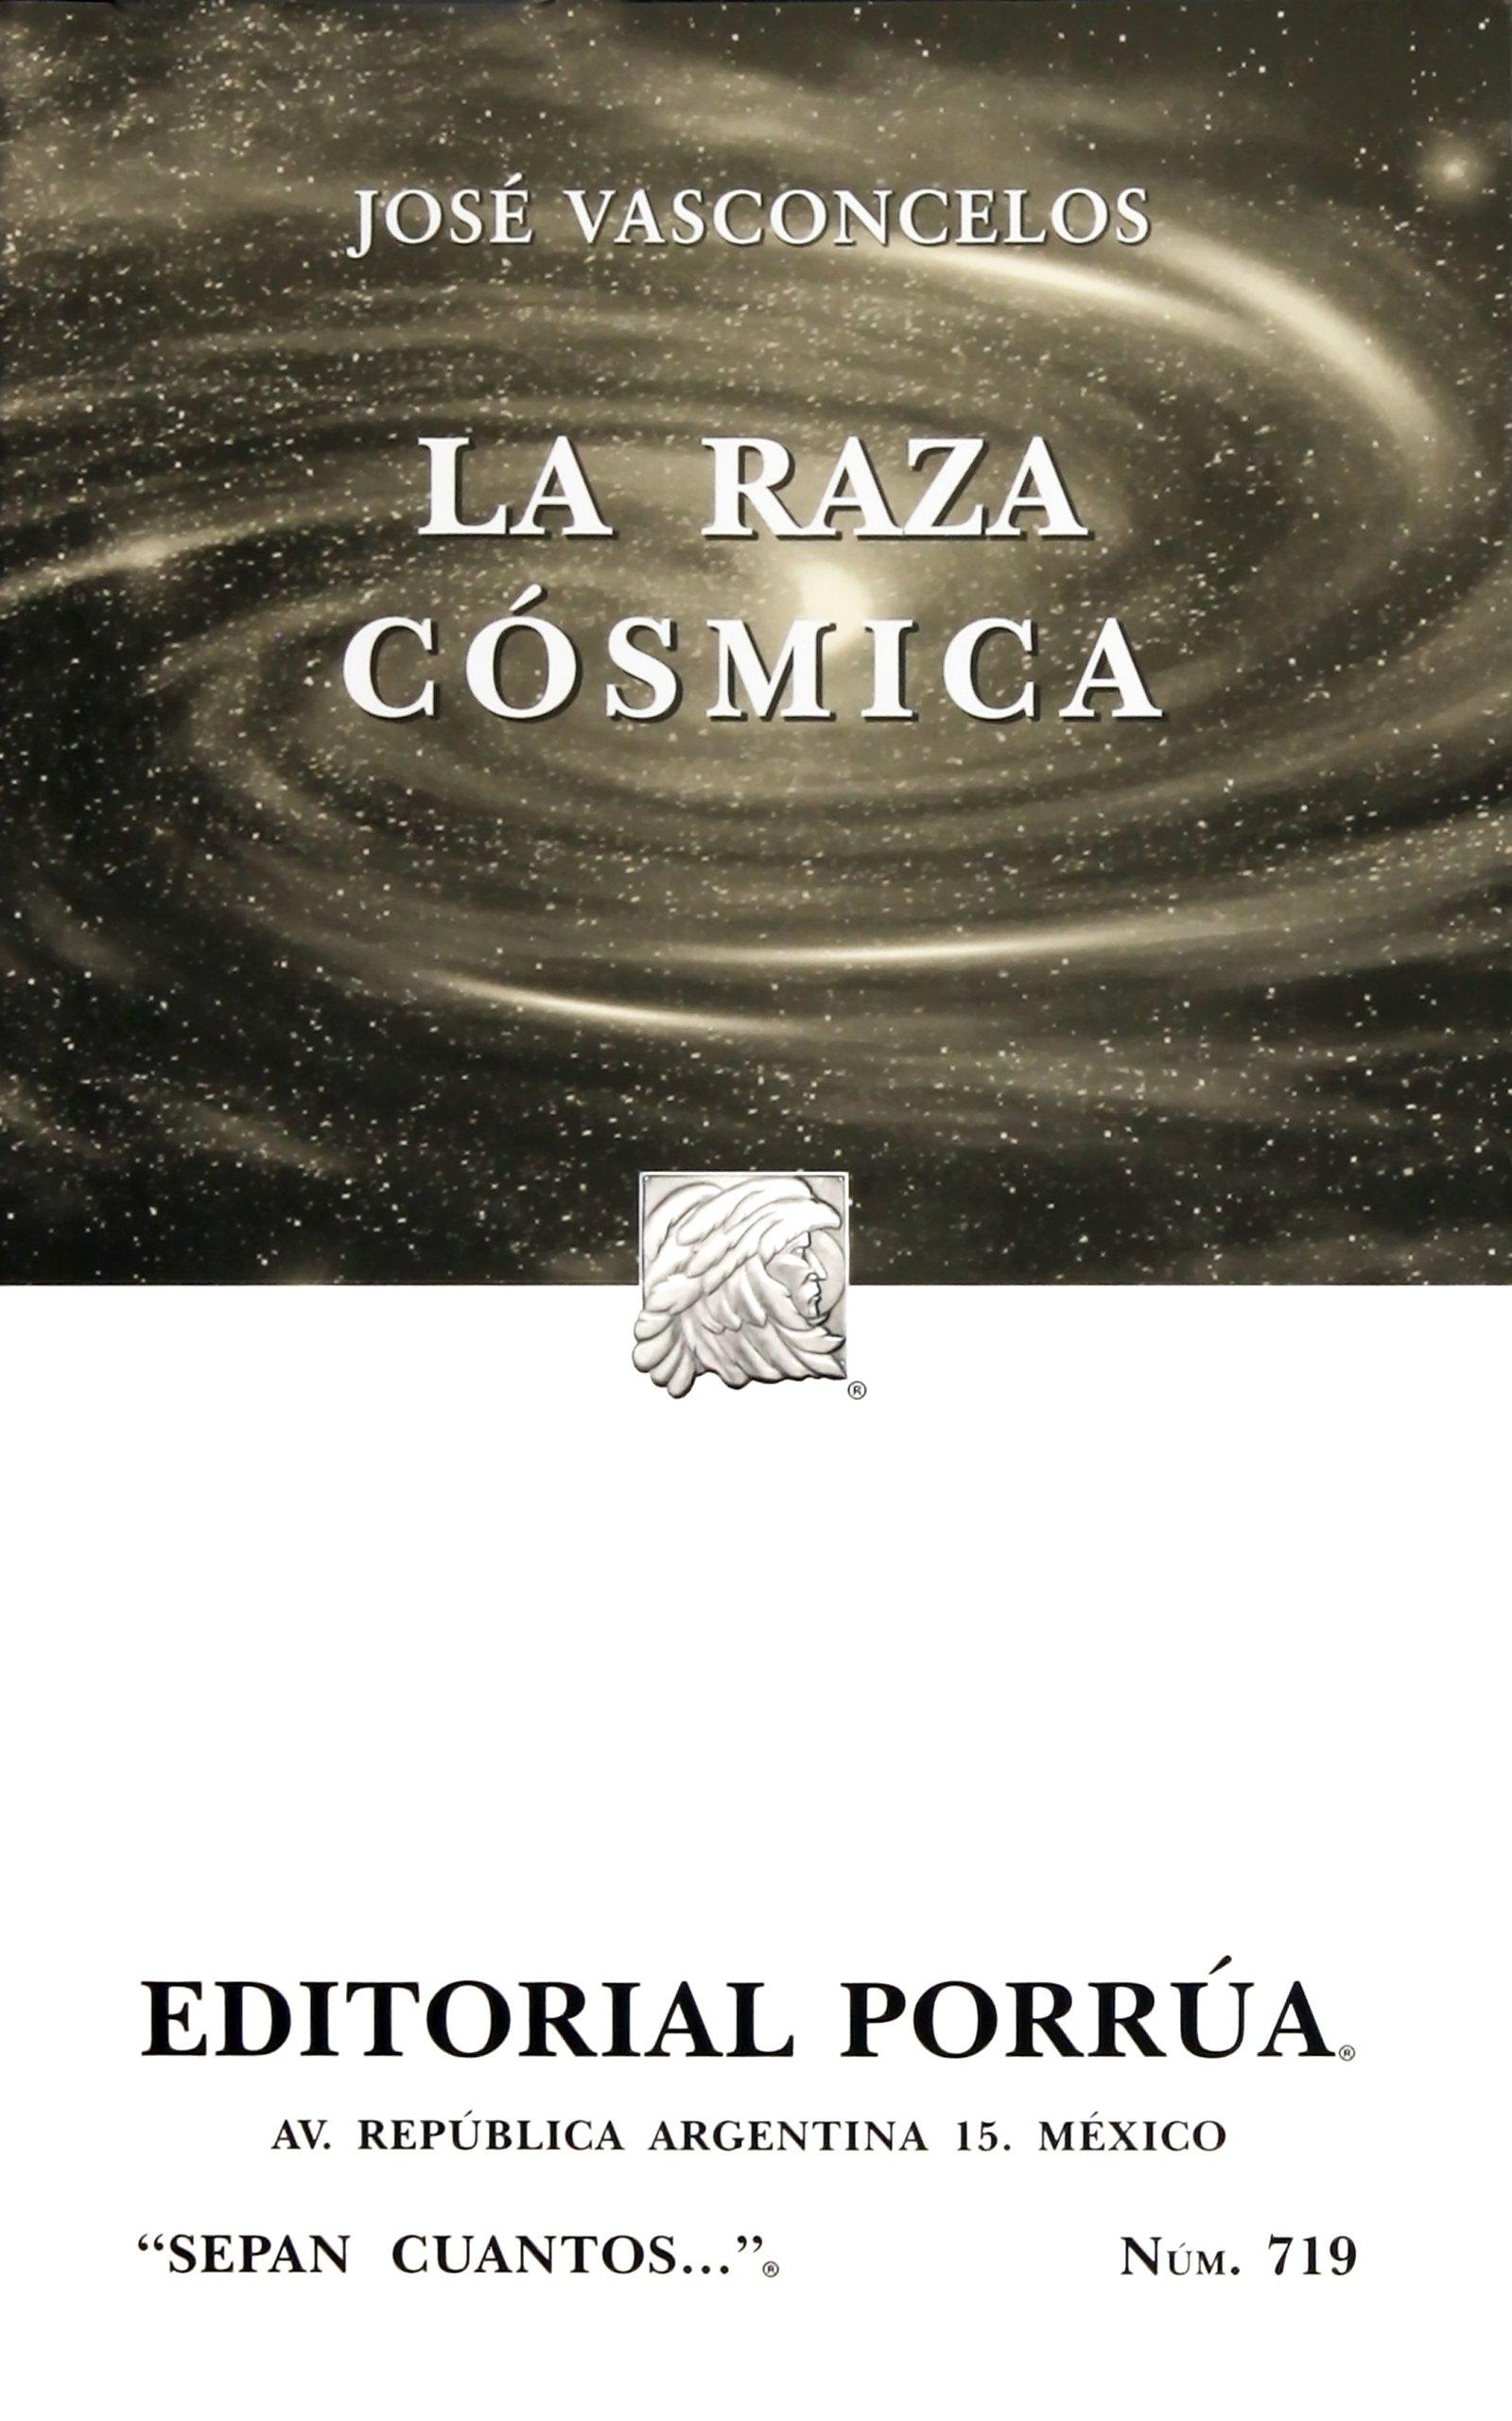 Raza cosmica, la: Amazon.es: VASCOCELOS, JOSE: Libros